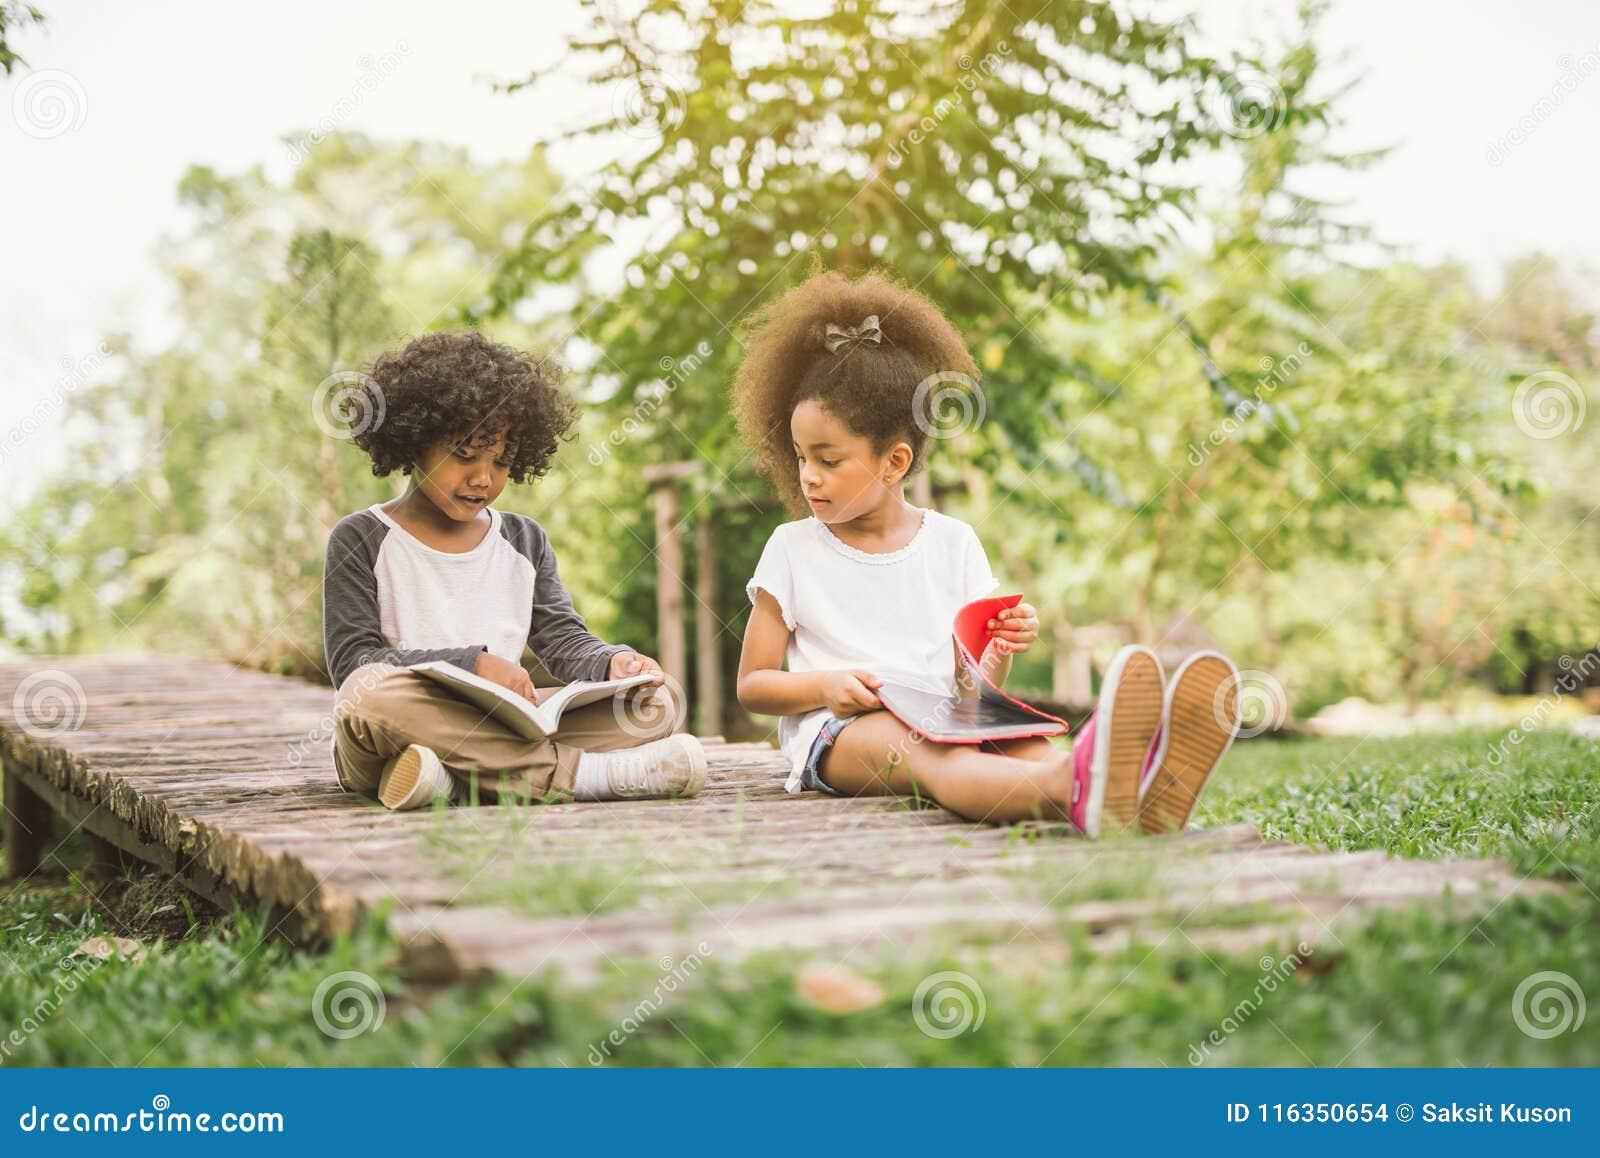 Leitura da criança pequena com amigo